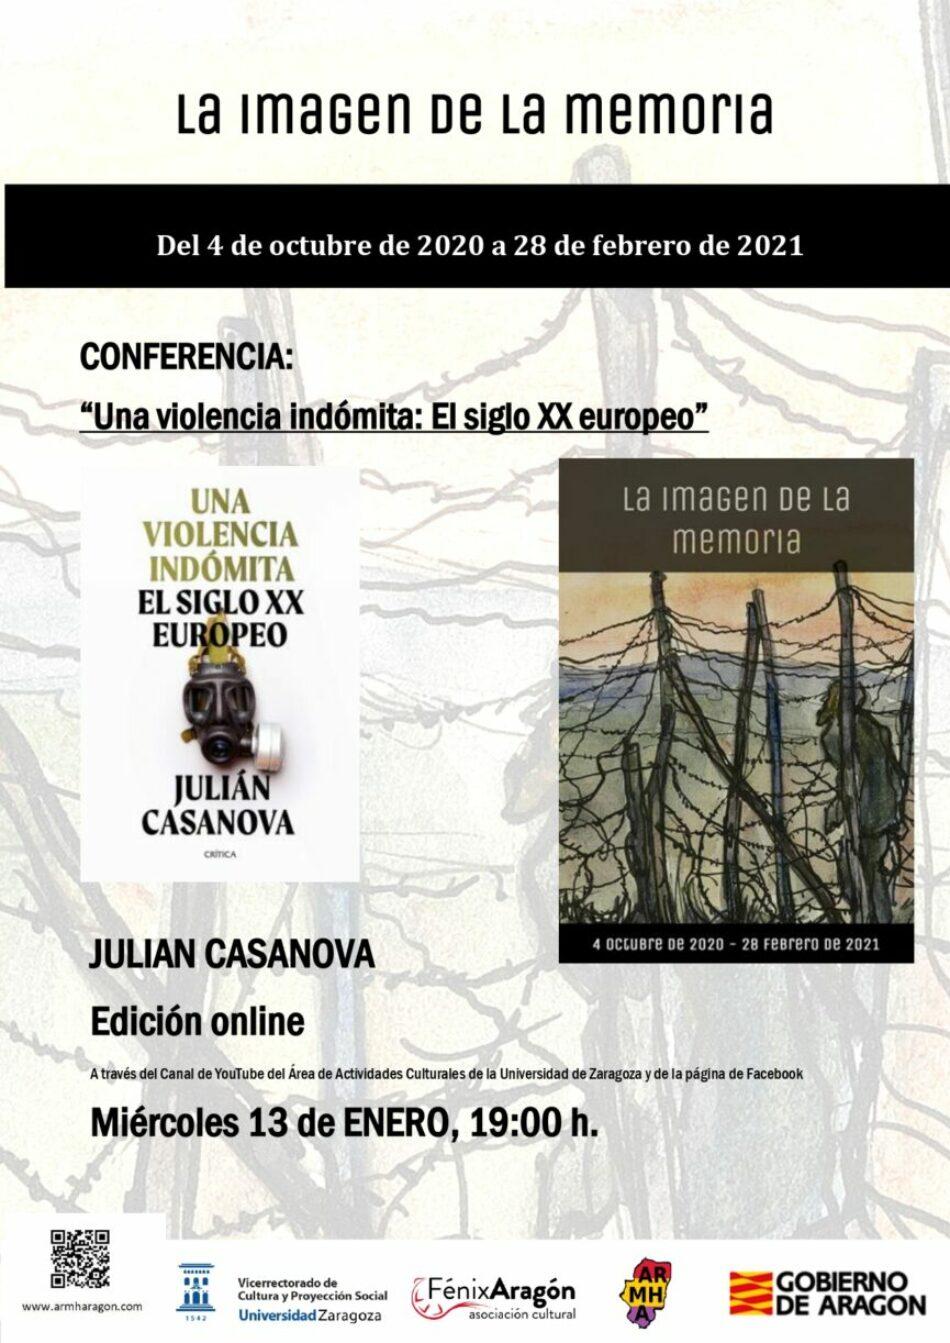 Conferencia de Julián Casanova. Una violencia indómita: El siglo XX europeo